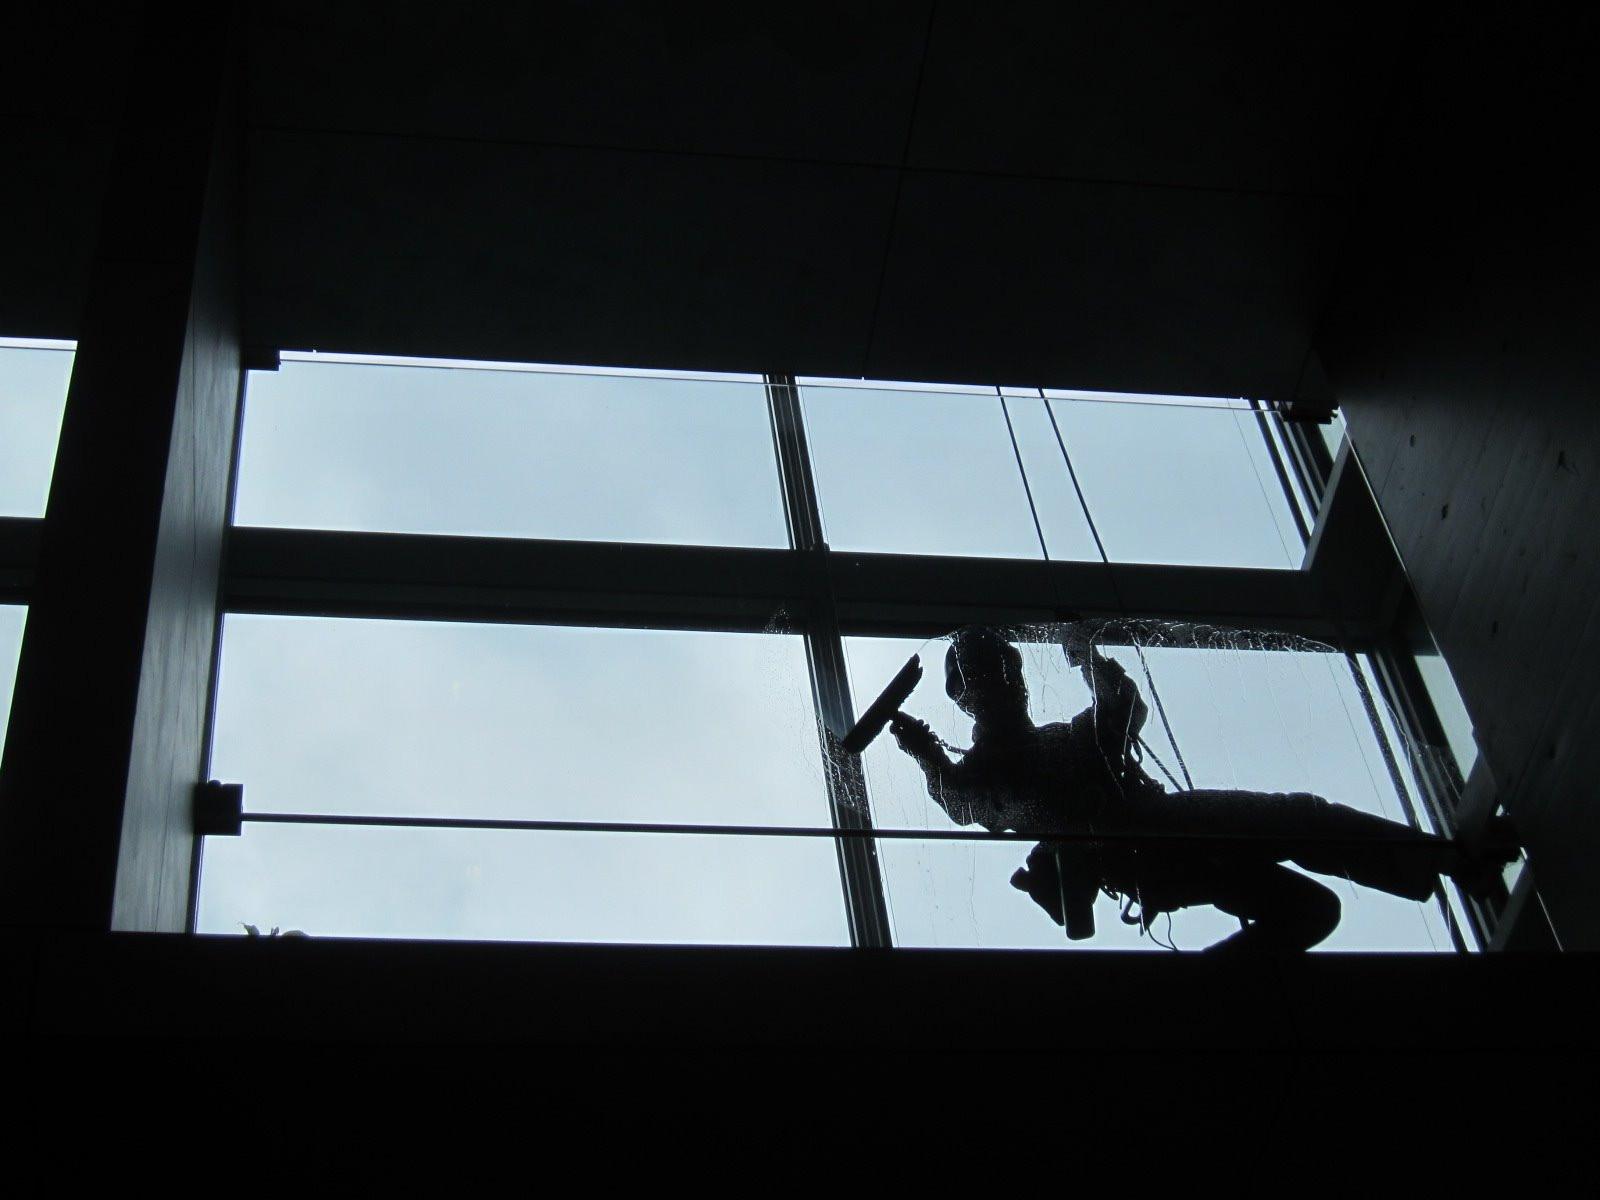 千代田区/マンション  ◆ガラス清掃画像